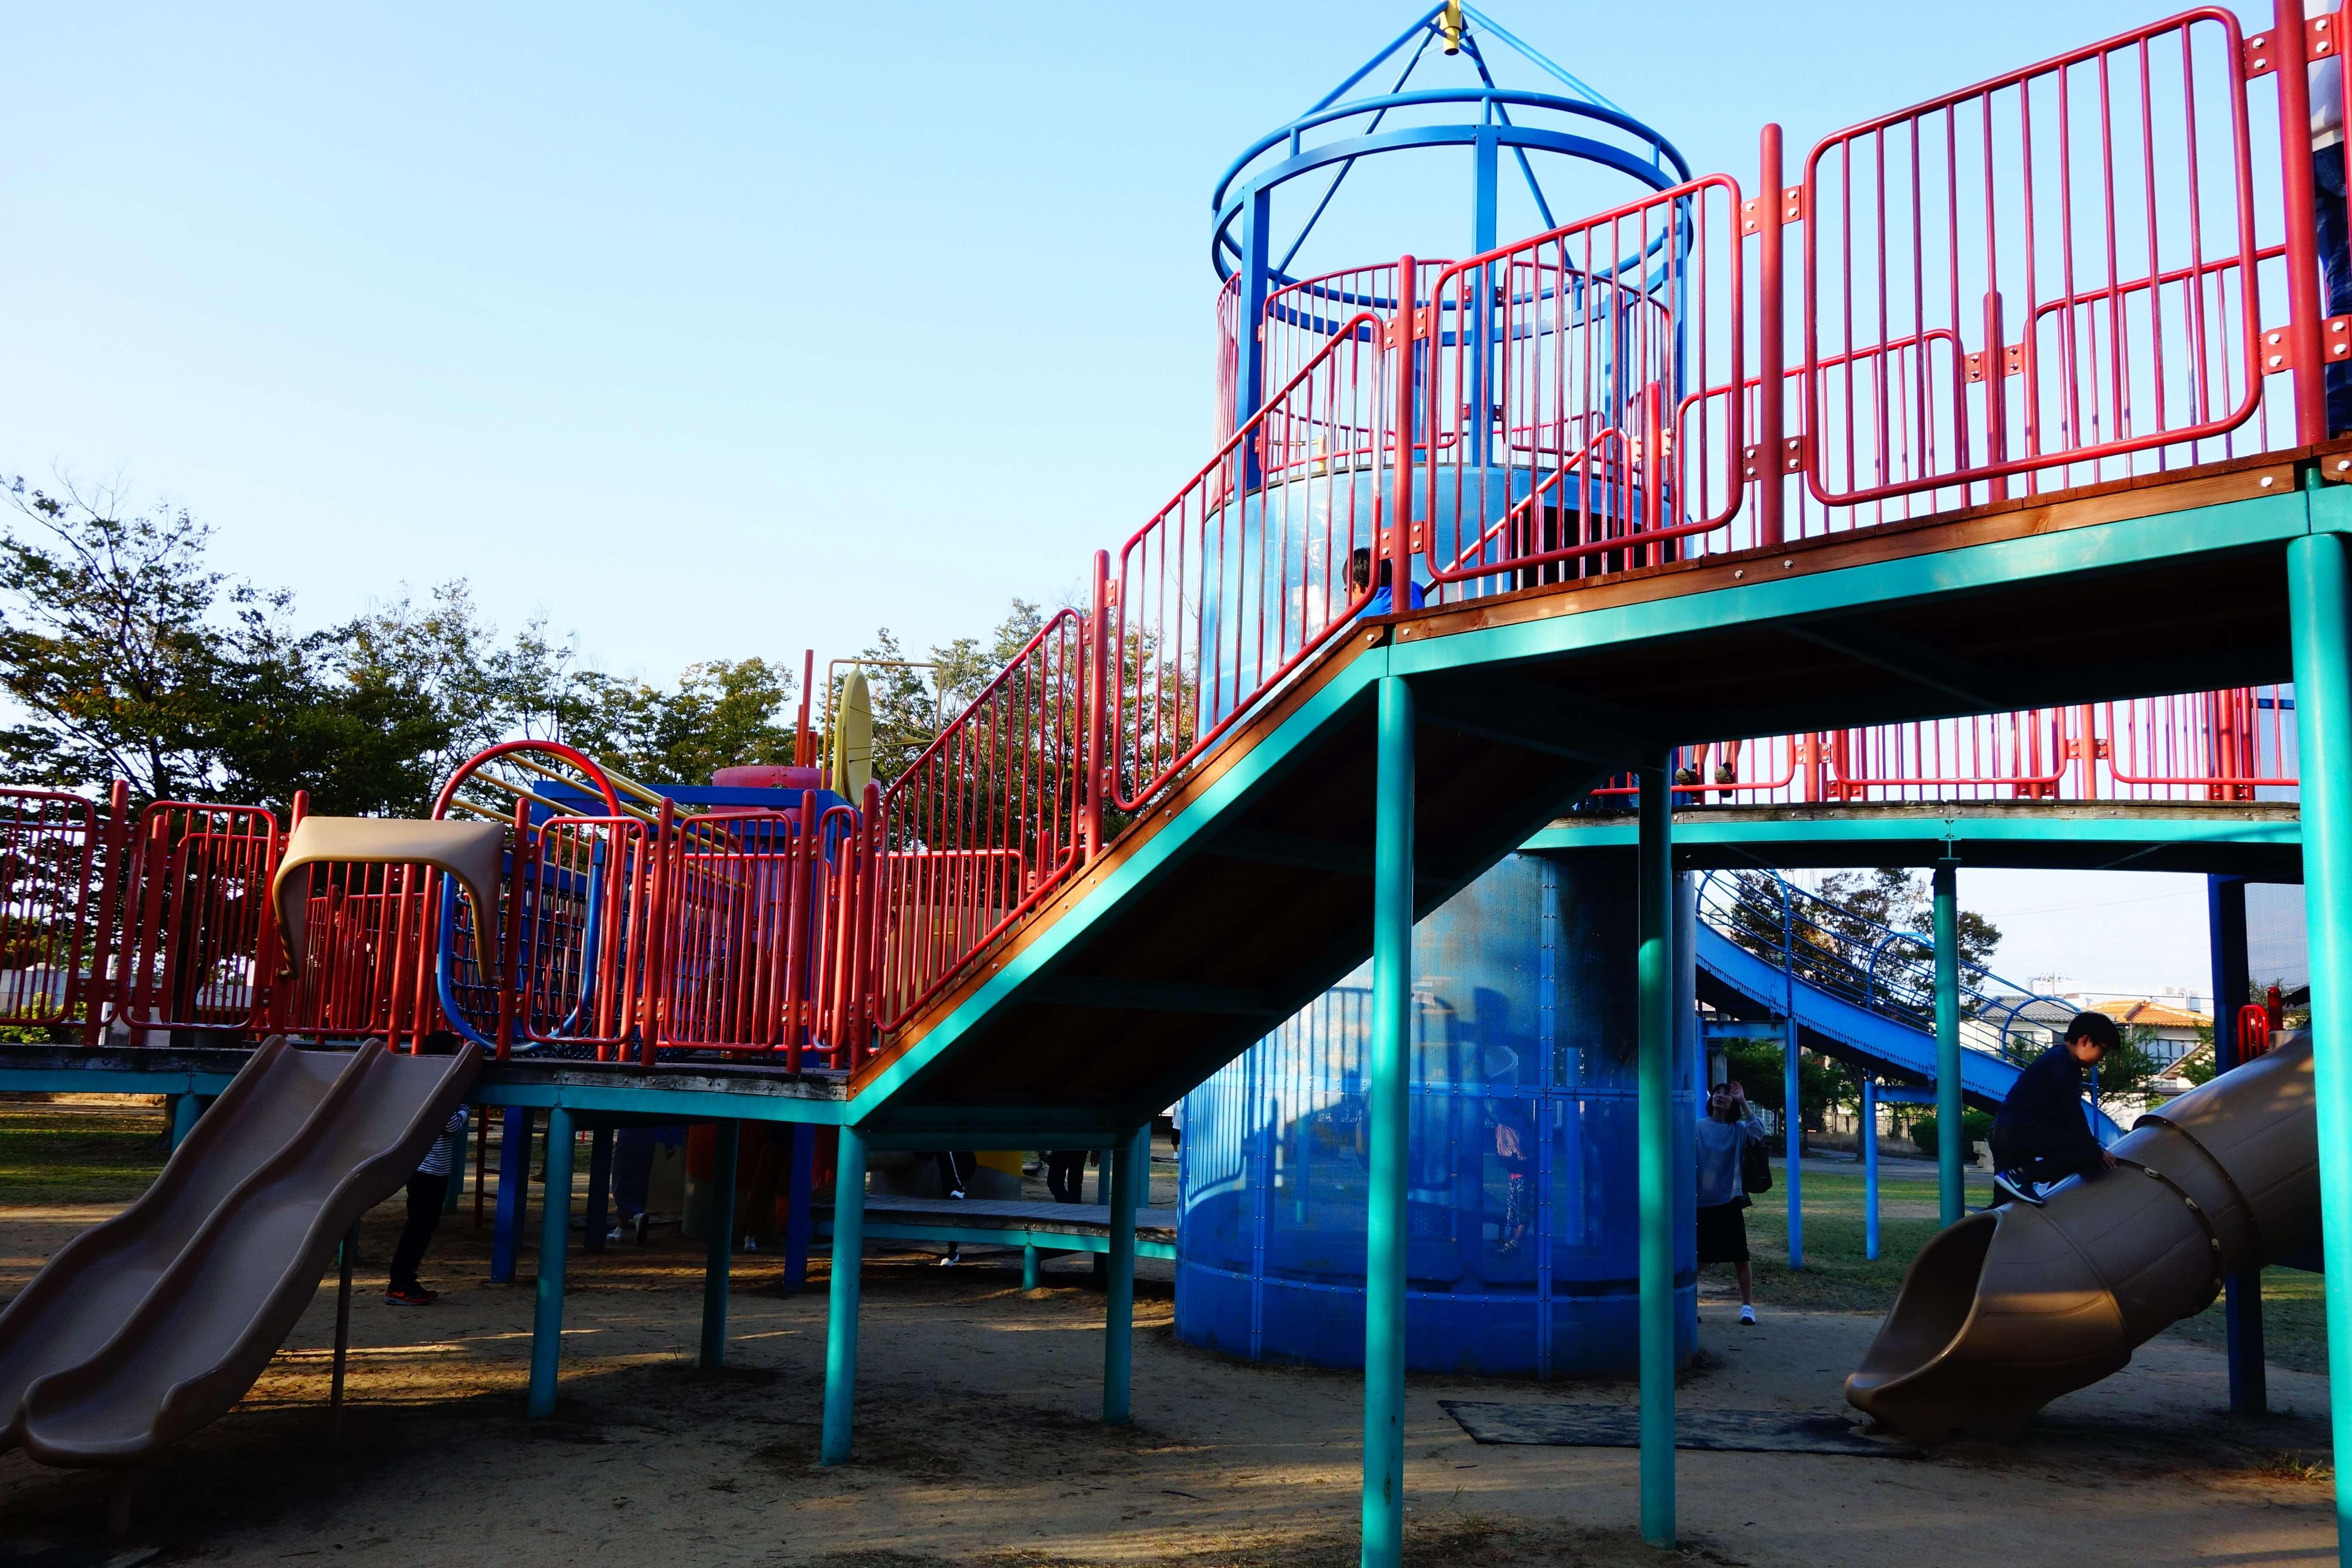 若宮公園|白山市で子どもが喜ぶ大型遊具やピクニックができる公園